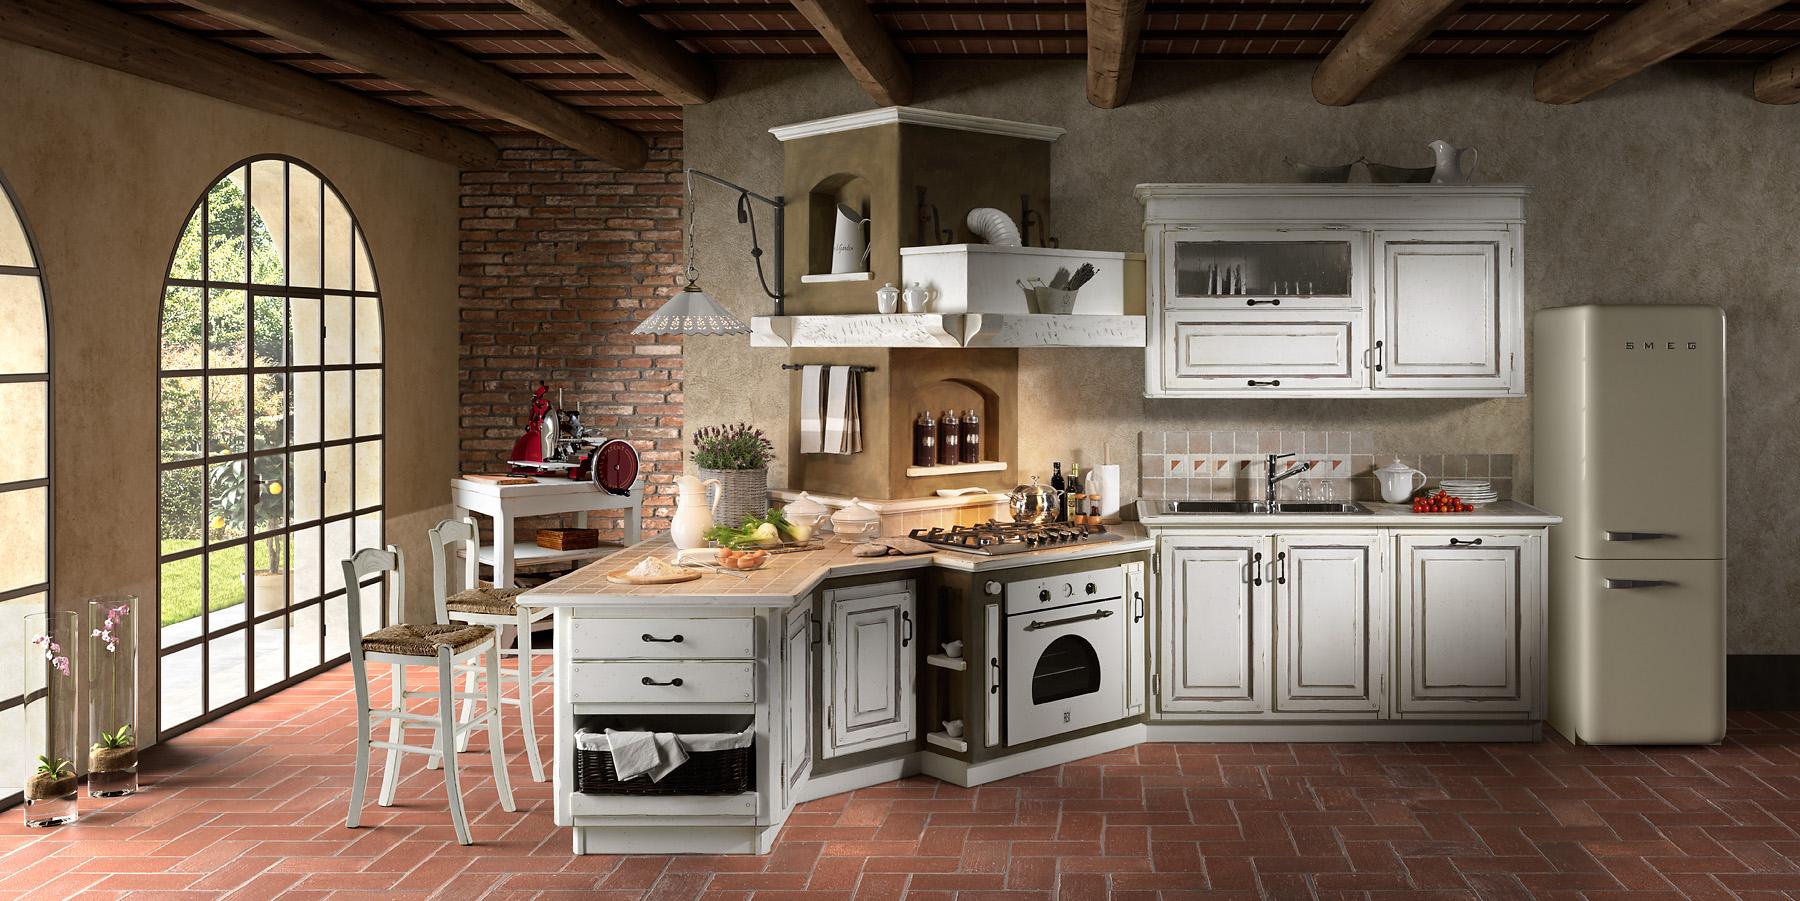 Cucina Sira di Trento & Bizzotto